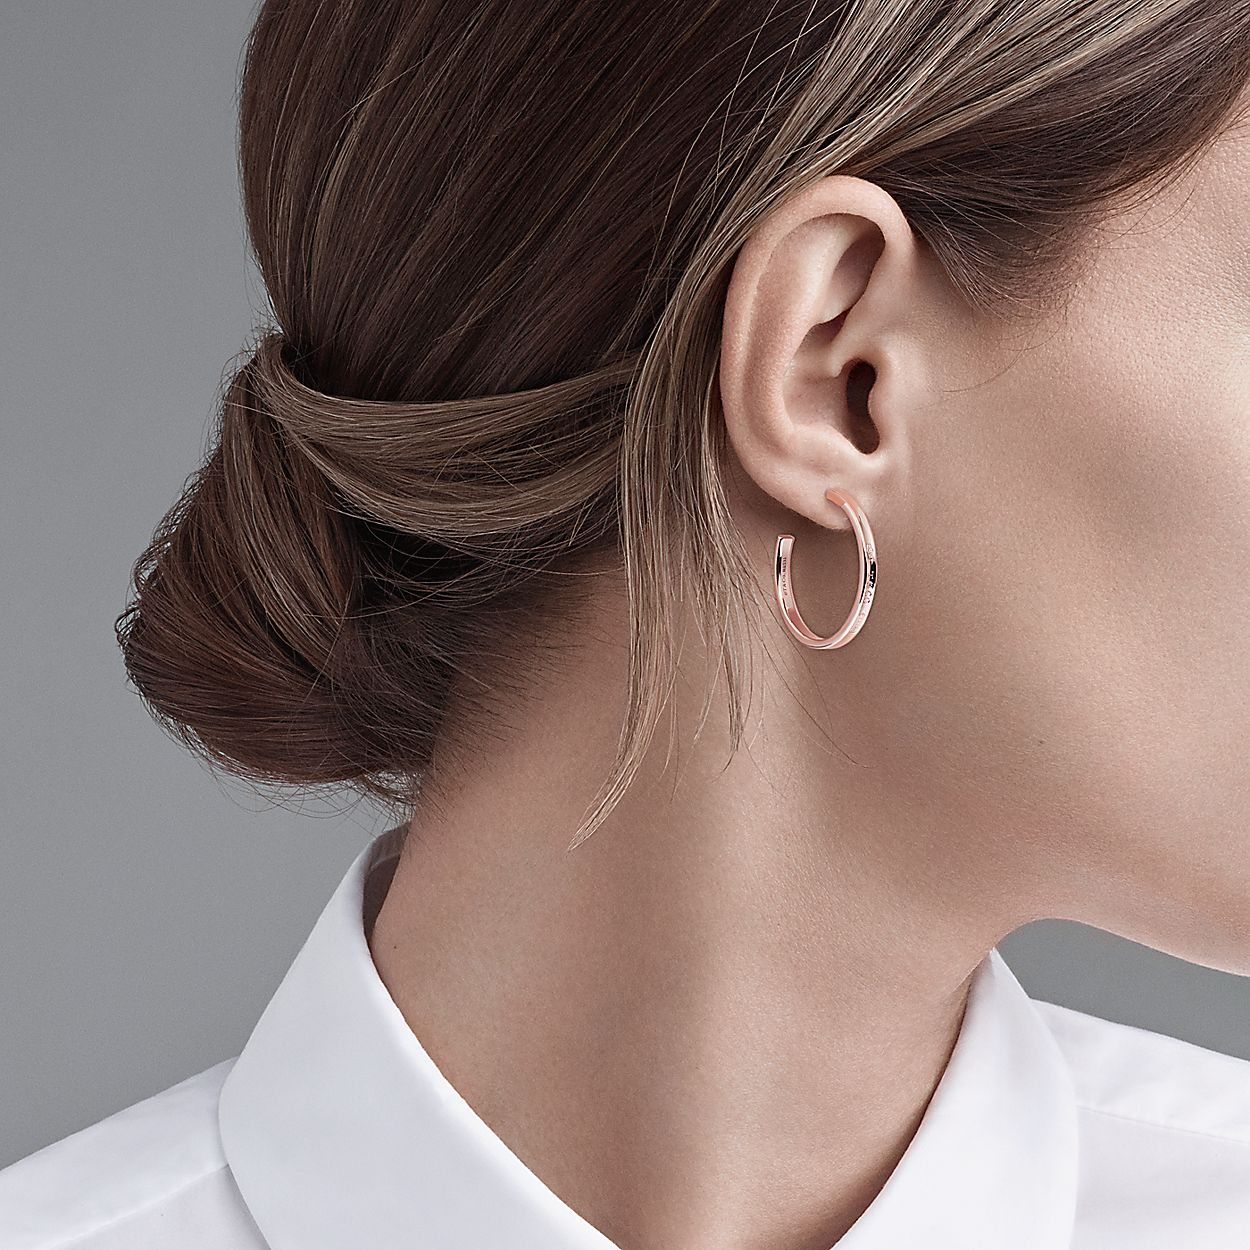 d86f9f347 Tiffany 1837® hoop earrings in Rubedo® metal. | Tiffany & Co.